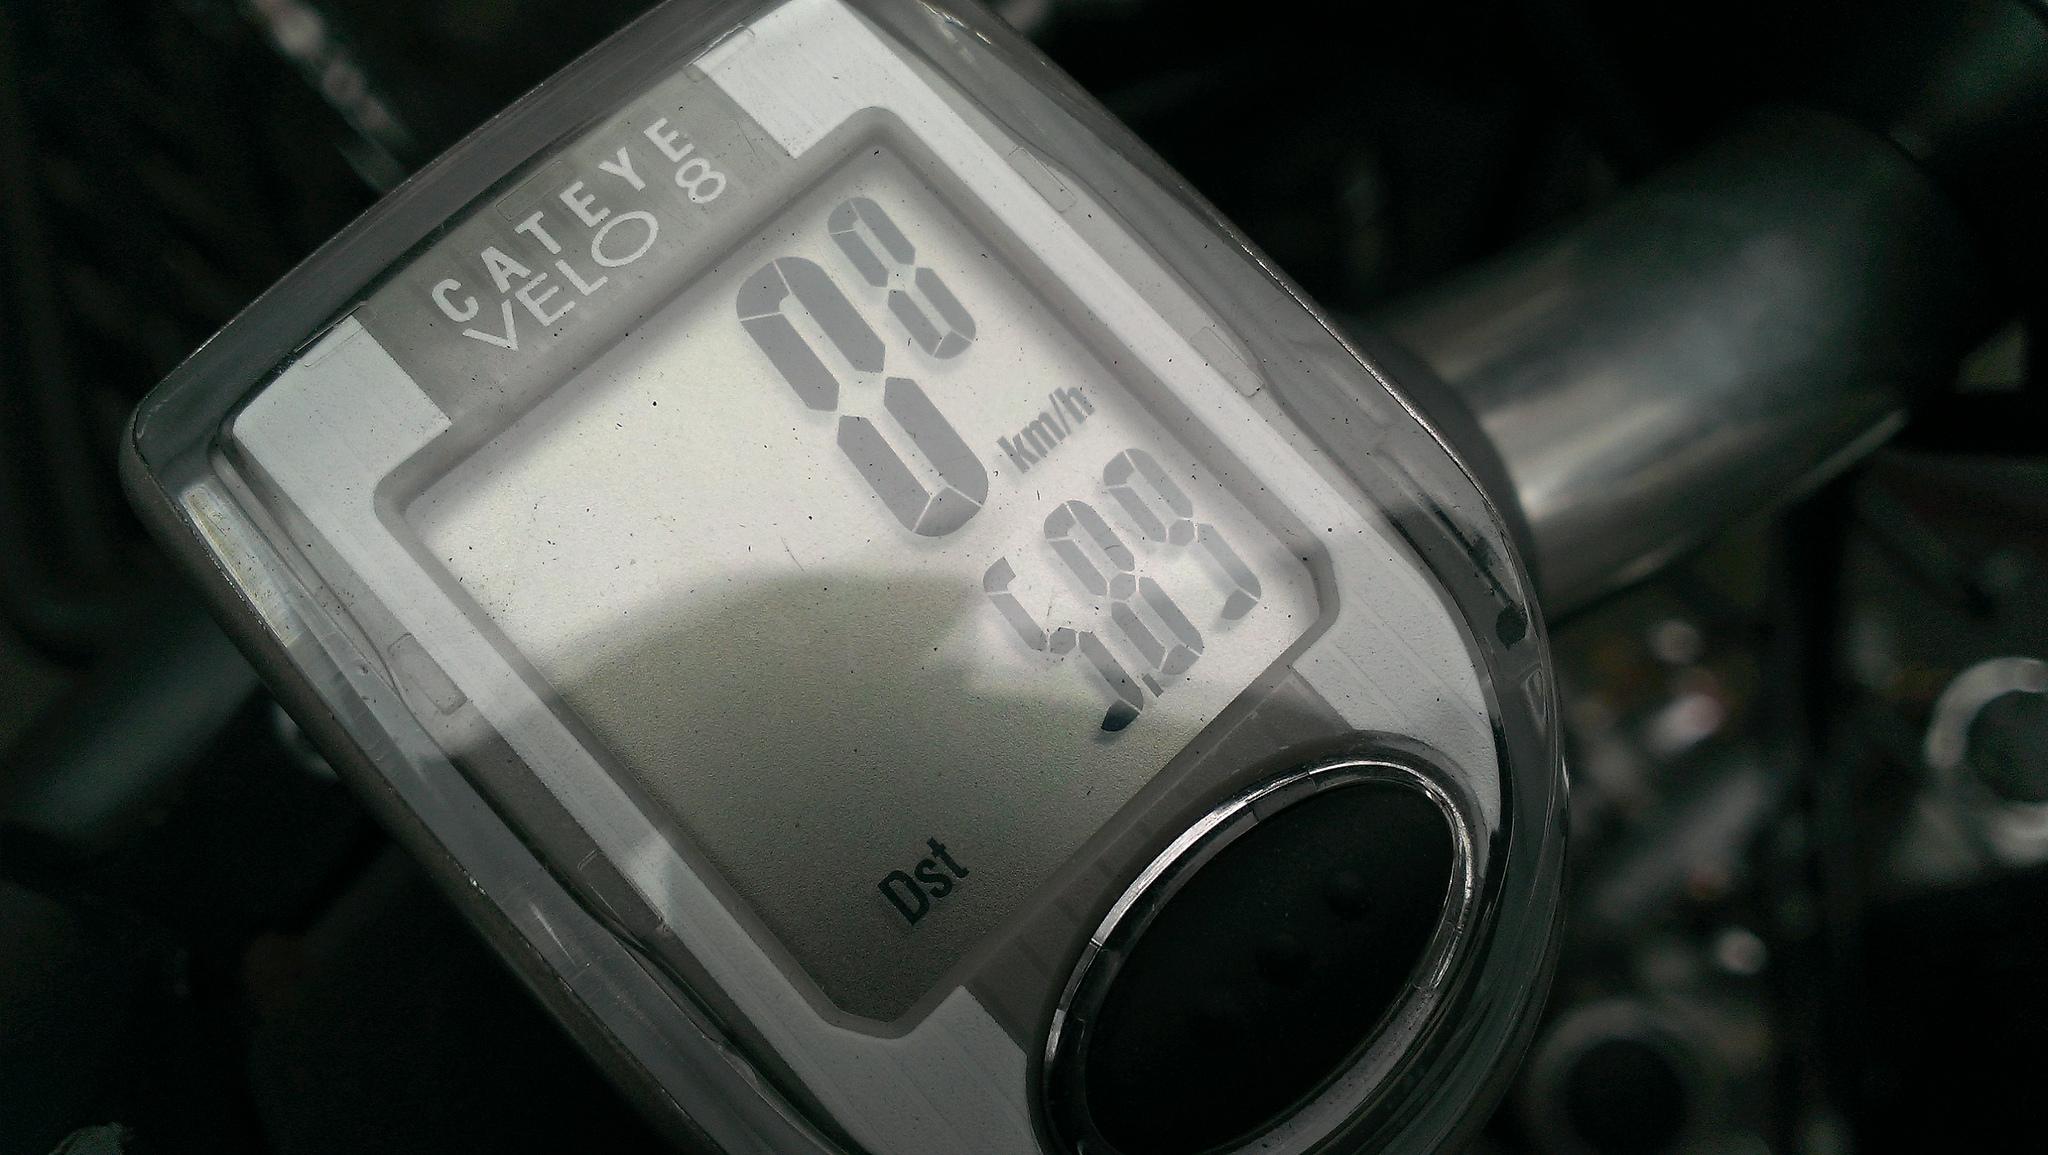 サイクルコンピュータ 平均速度